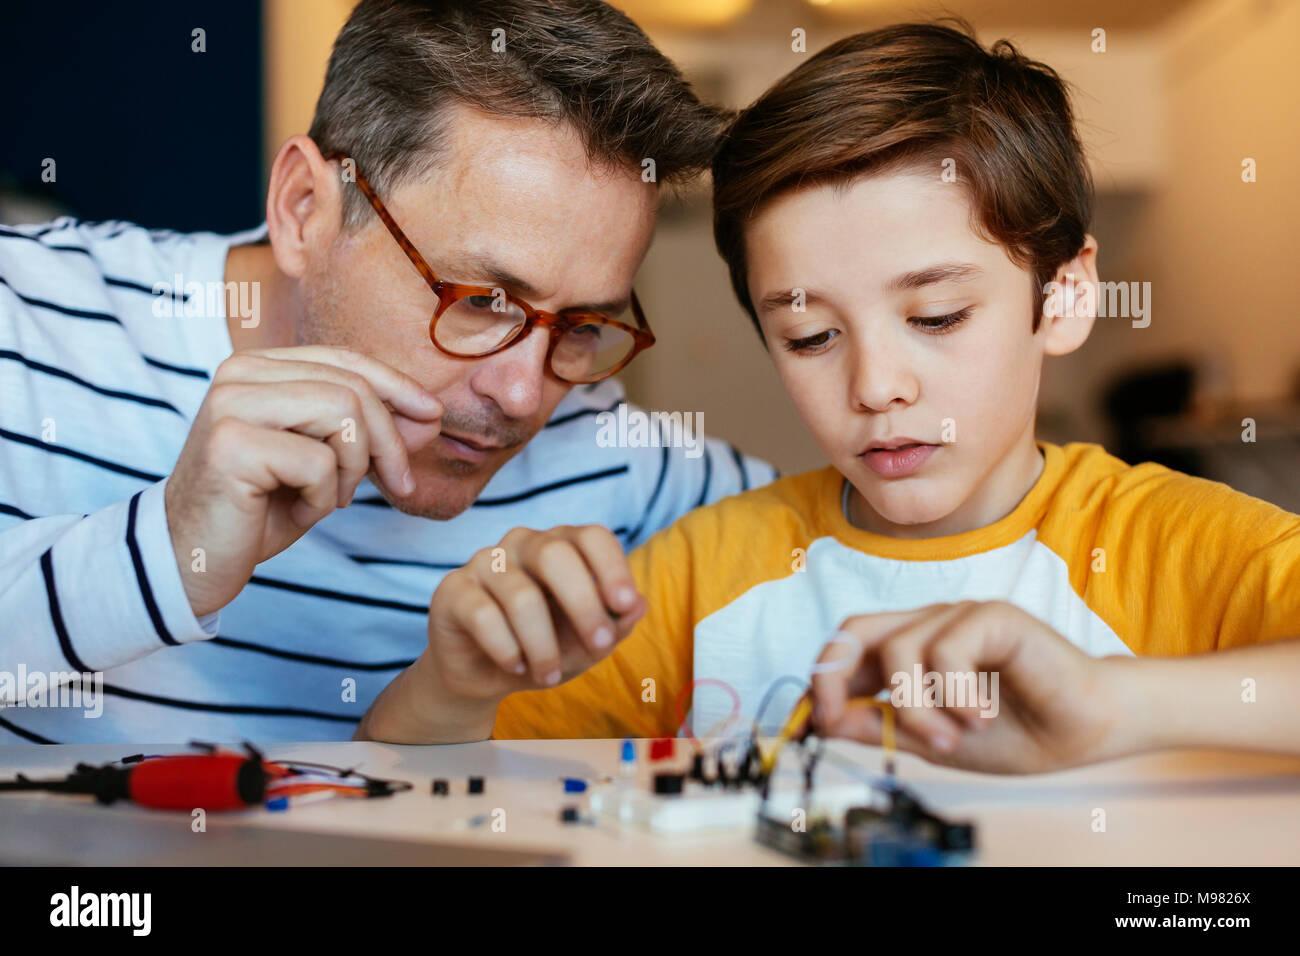 Vater und Sohn der Zusammenstellung eines elektronischen Baukasten Stockbild